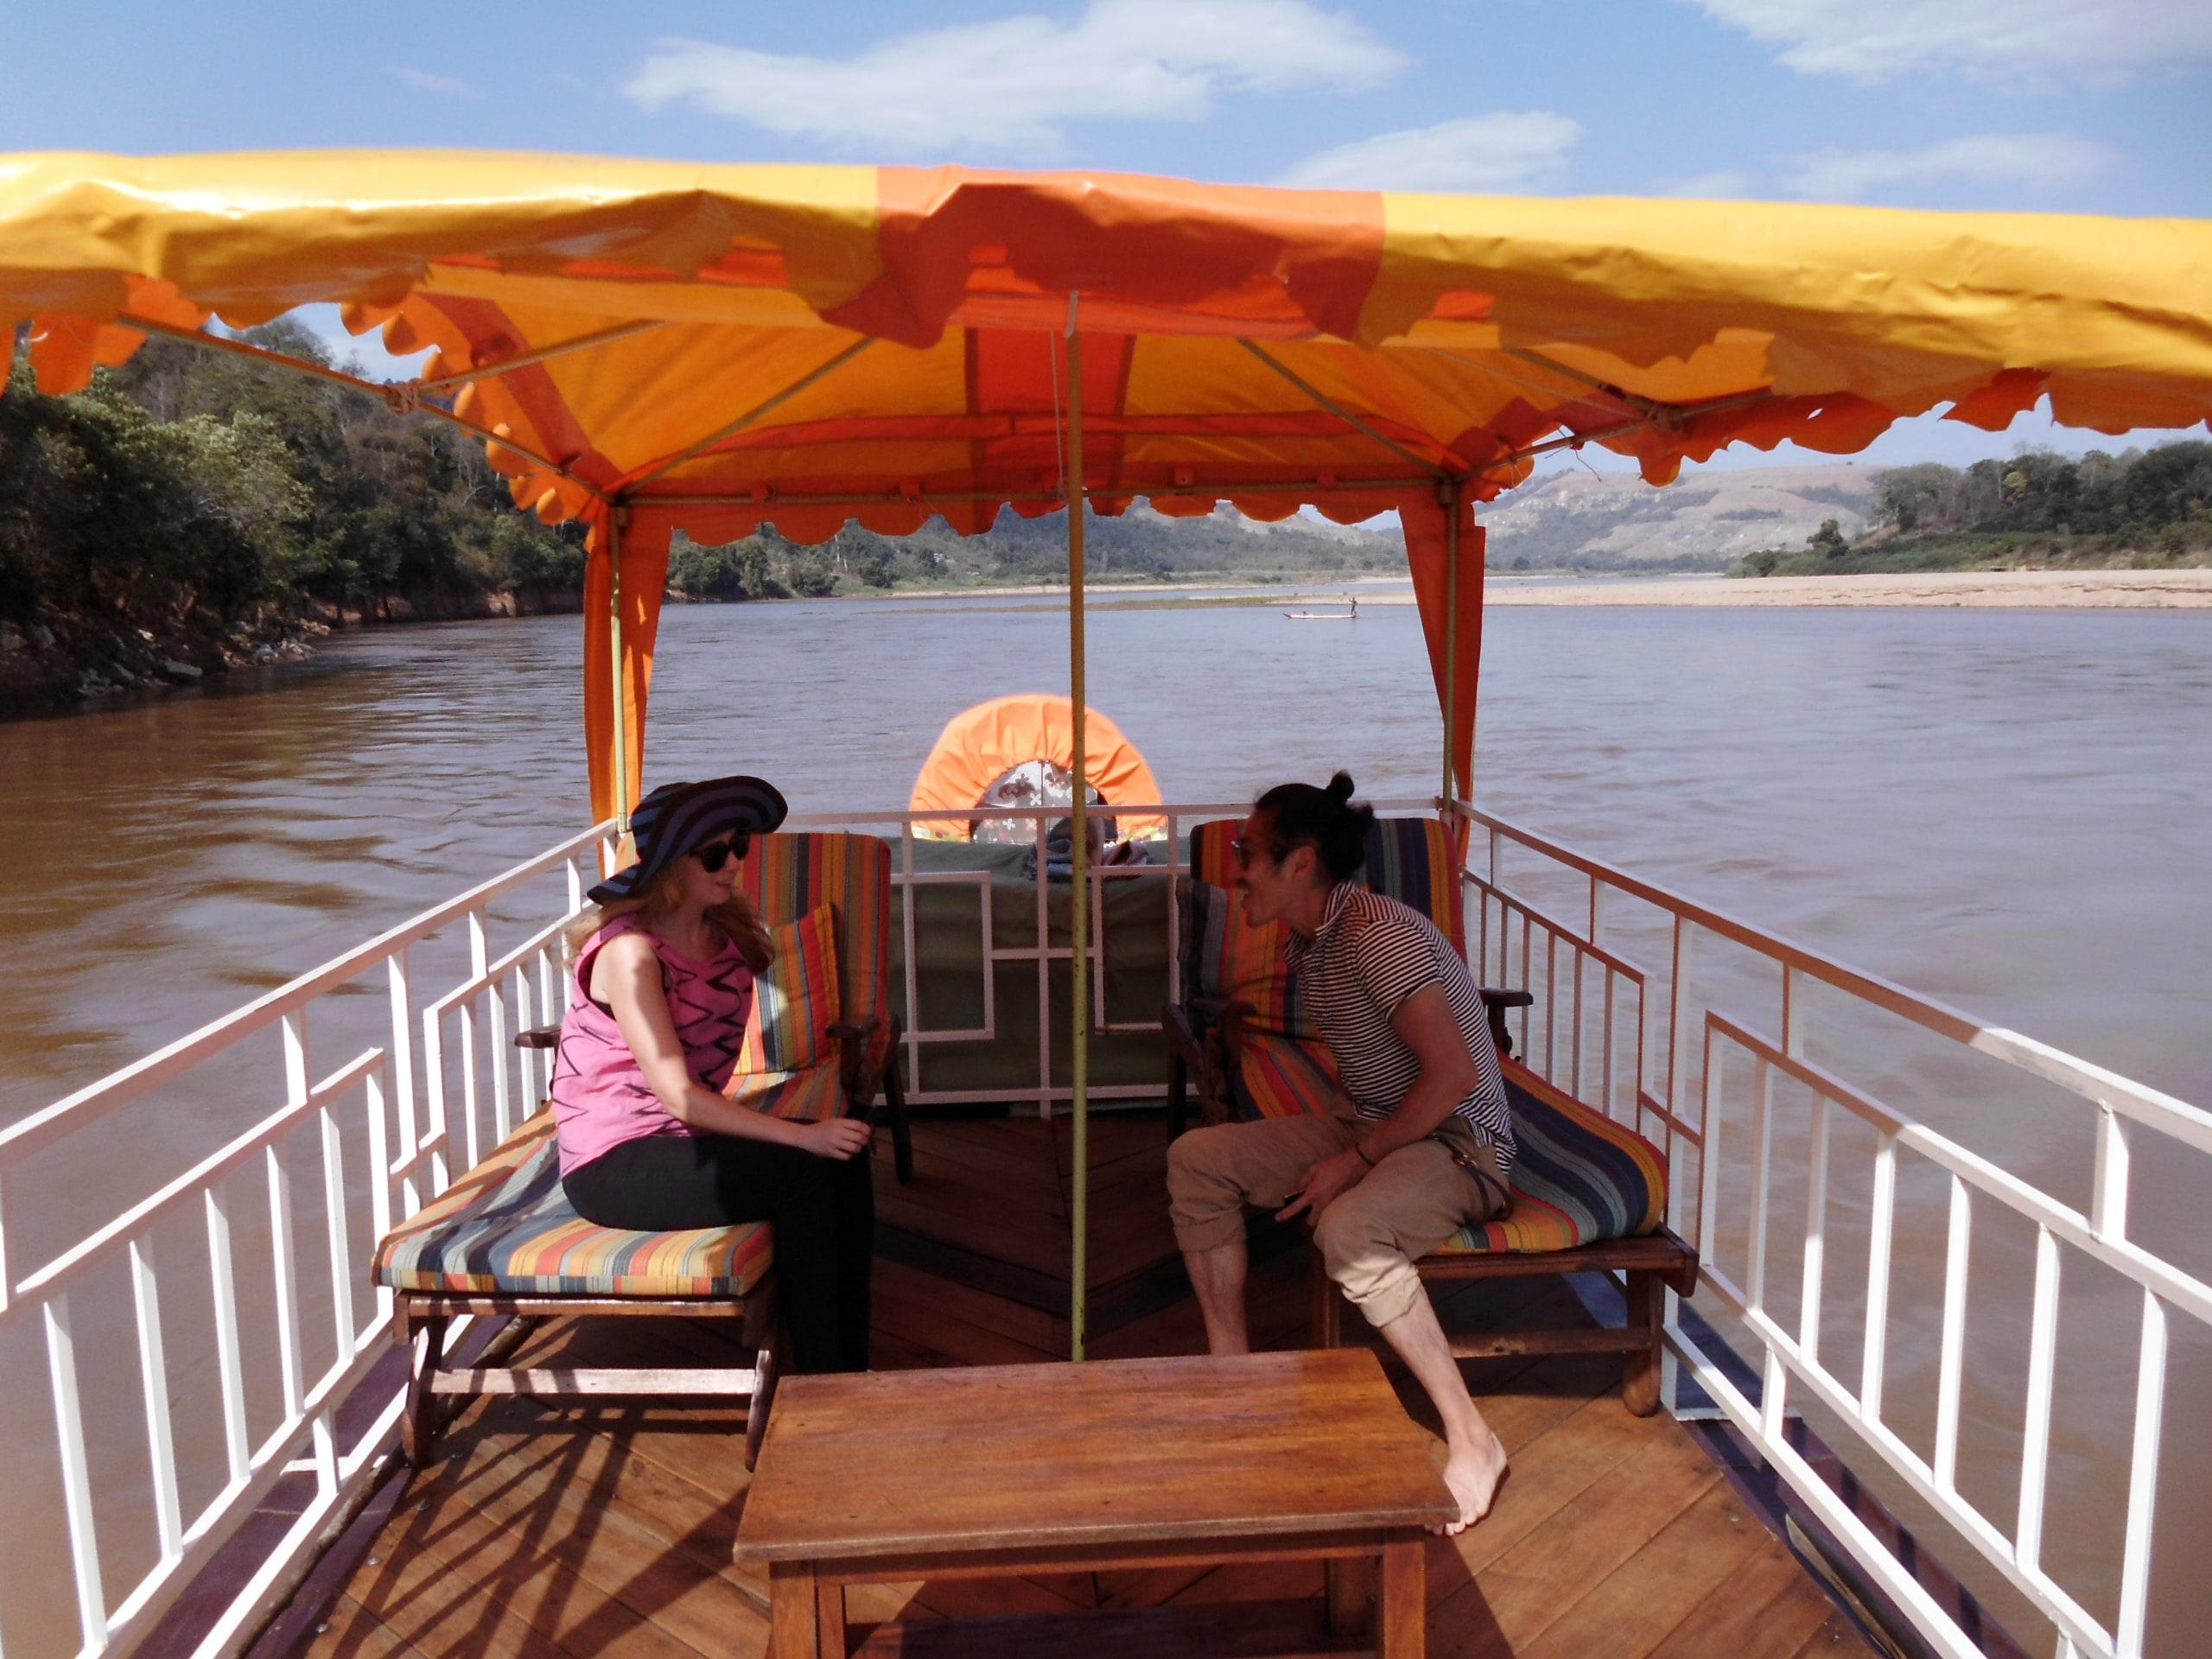 Boat ride in Tsiribihina River